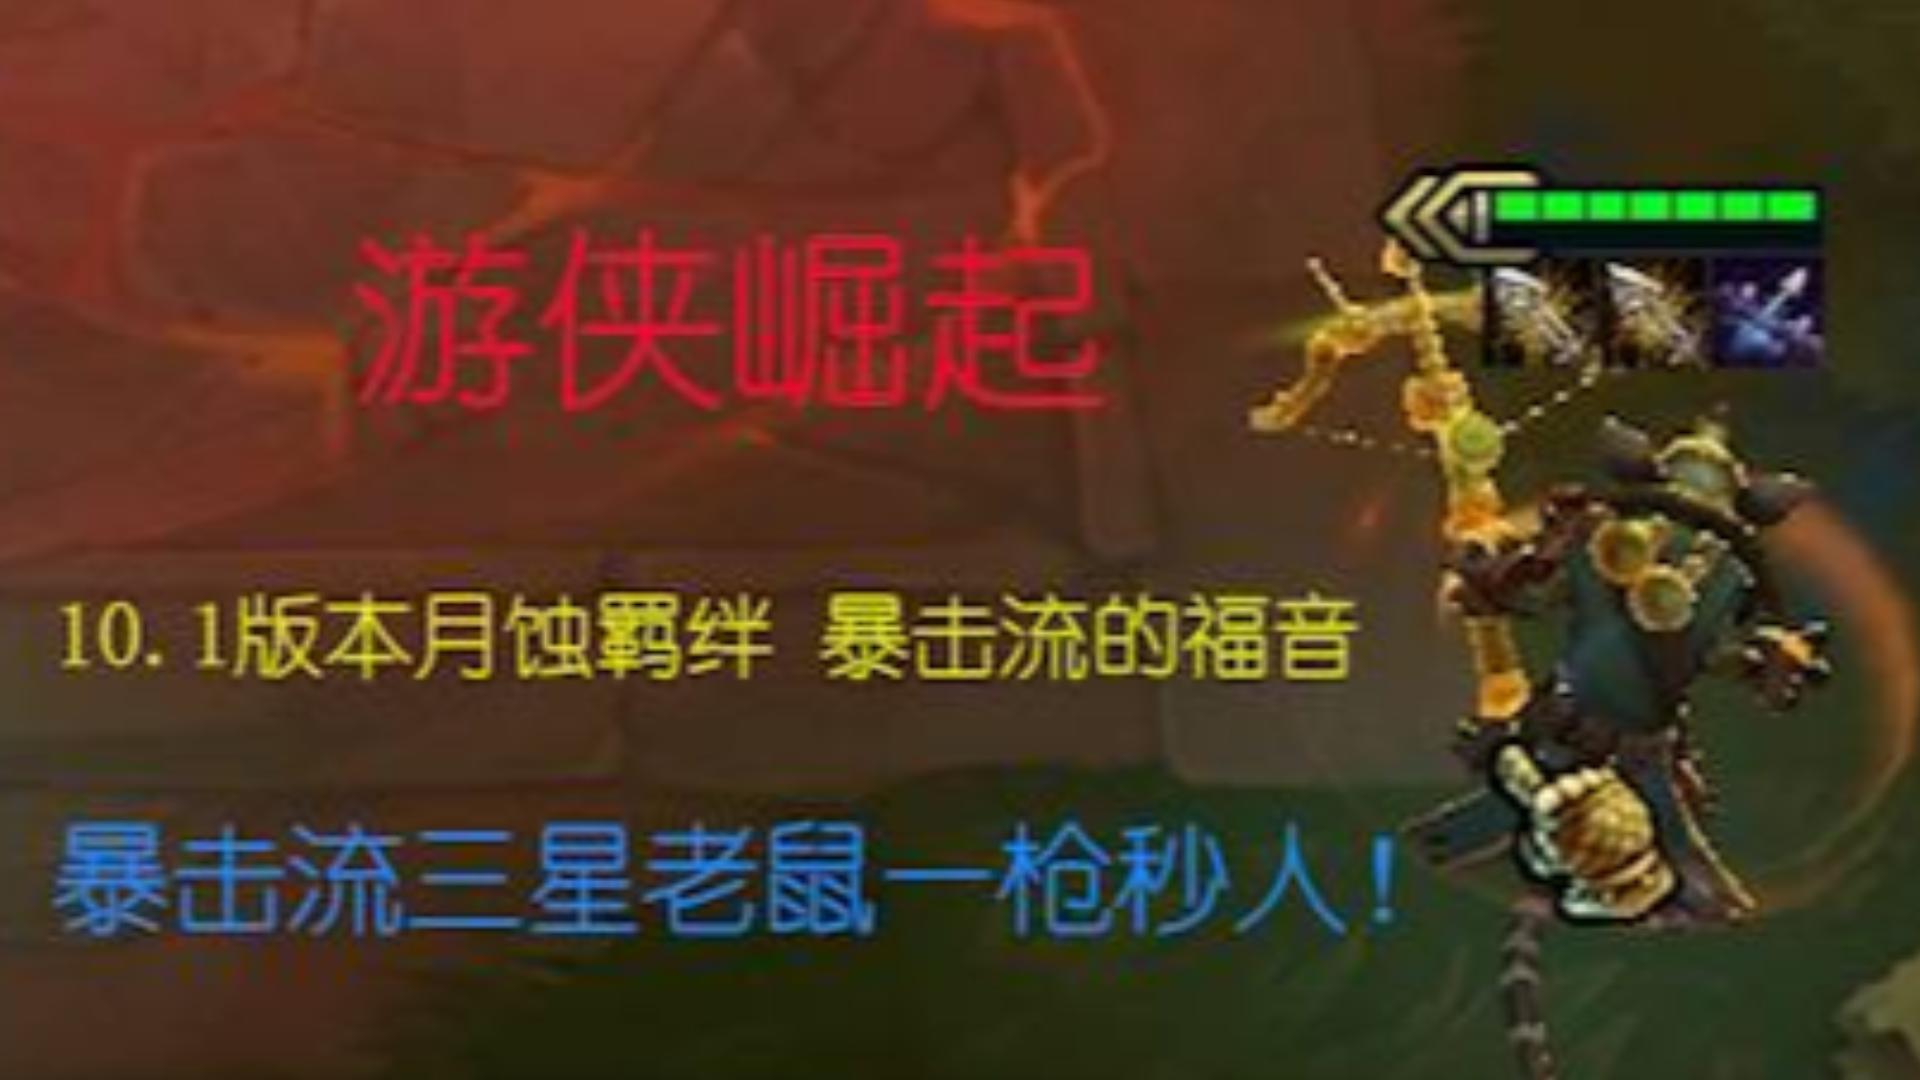 白学家云顶之弈2:云顶10.1版本游侠崛起,暴击流老鼠杀敌只需一枪!